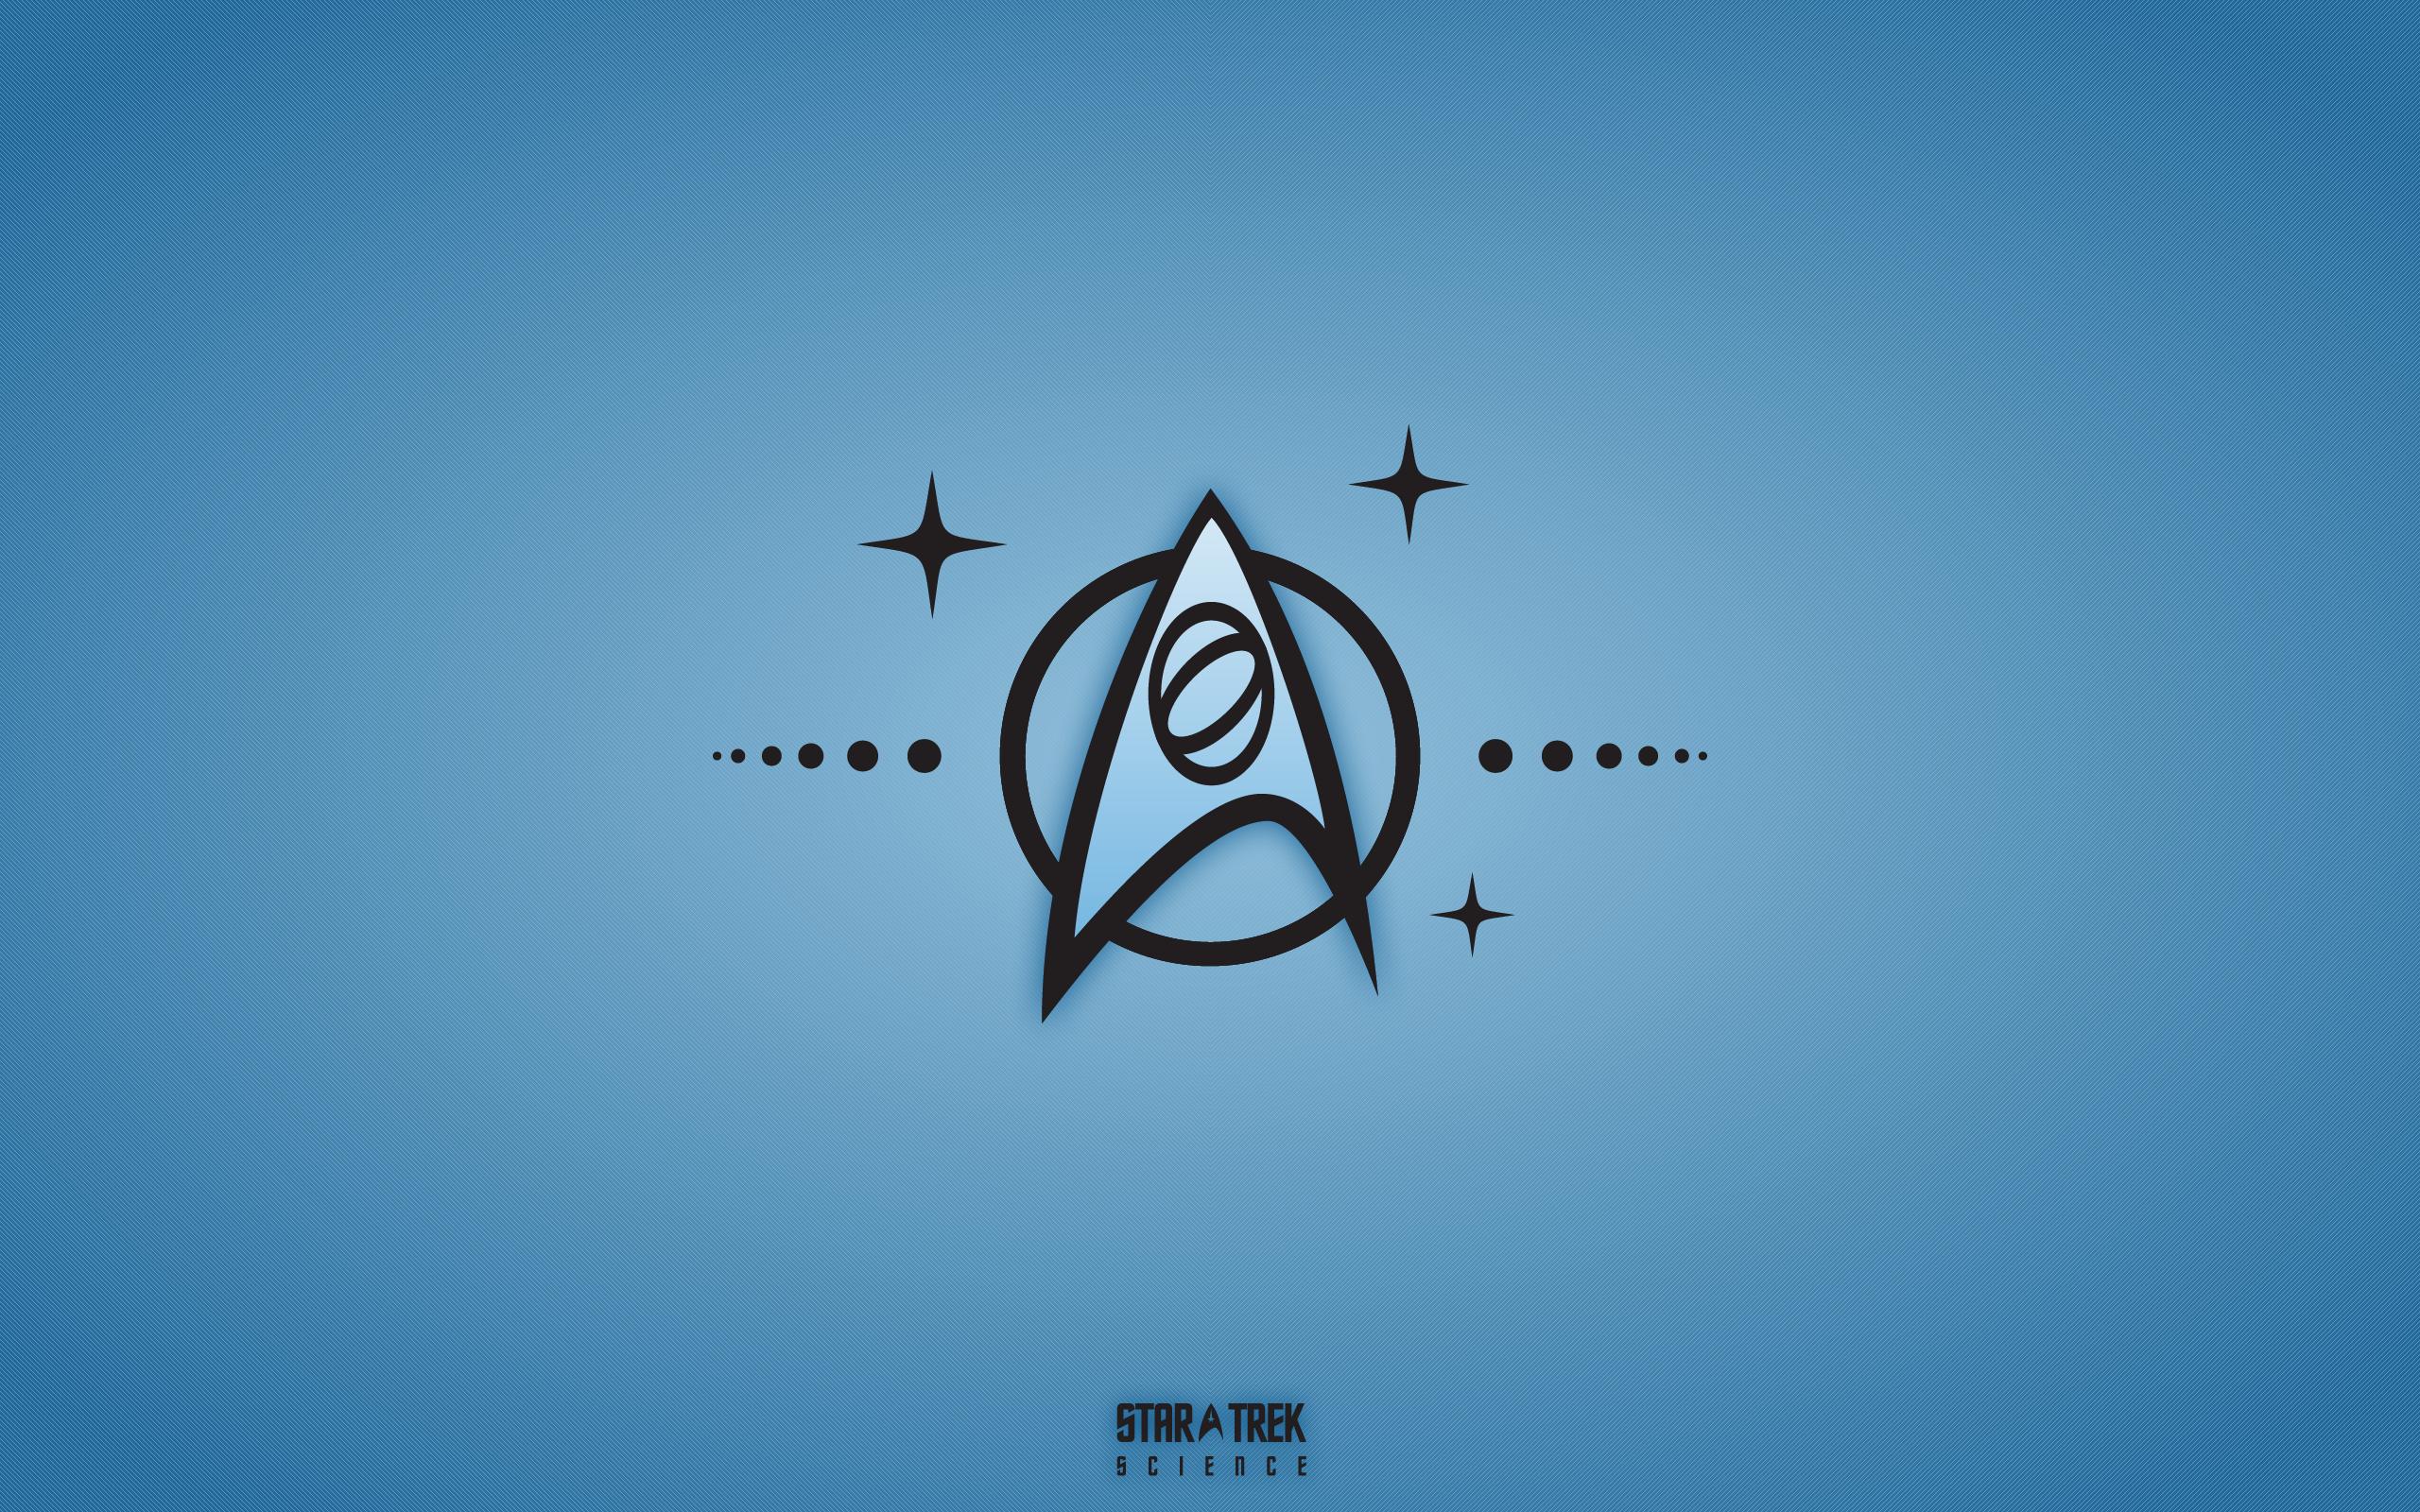 Star Trek Logo Desktop Backgrounds 2 Star Trek Wallpaper Star Trek Wallpaper Iphone Star Trek Logo